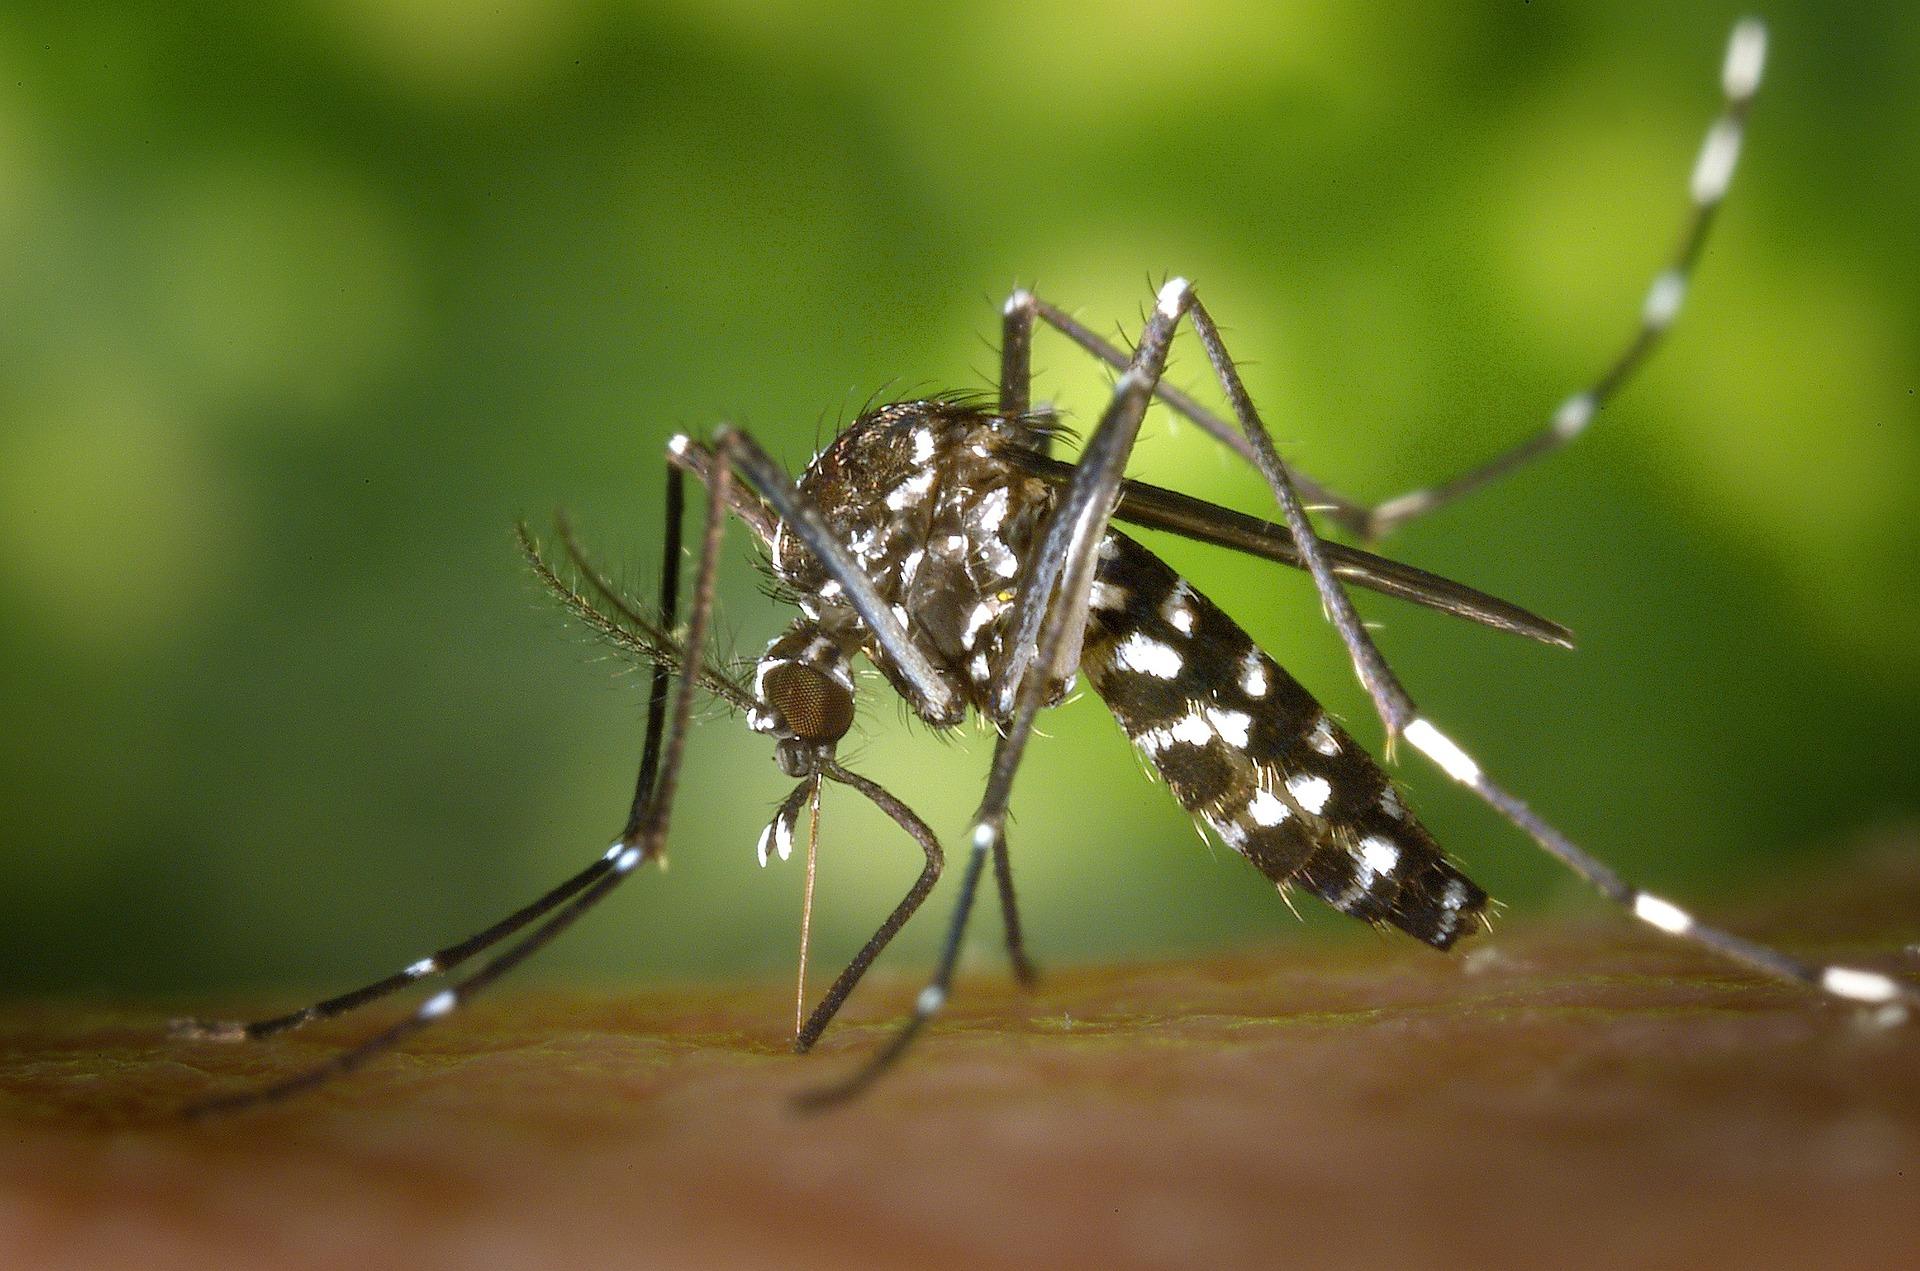 'Kontrolom rađanja' komarica znanstvenici žele spriječiti epidemije malarije i drugih bolesti